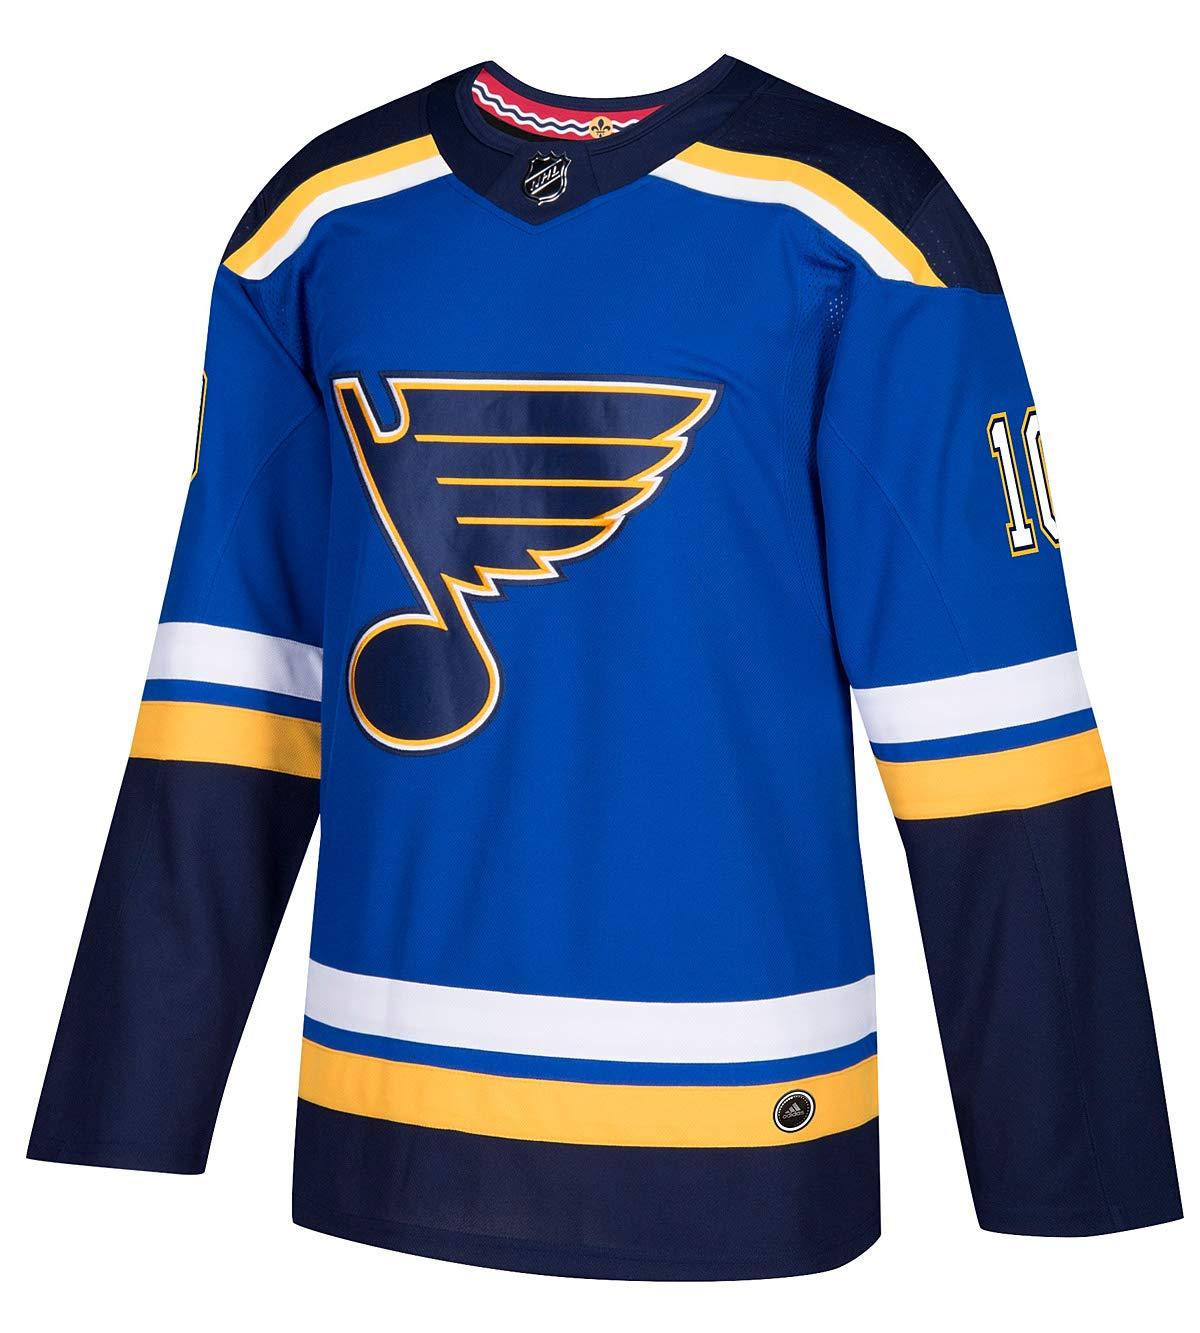 size 40 cf3c2 66066 Blues Adidas Hockey Brayden Clothing Amazon Authentic St ...